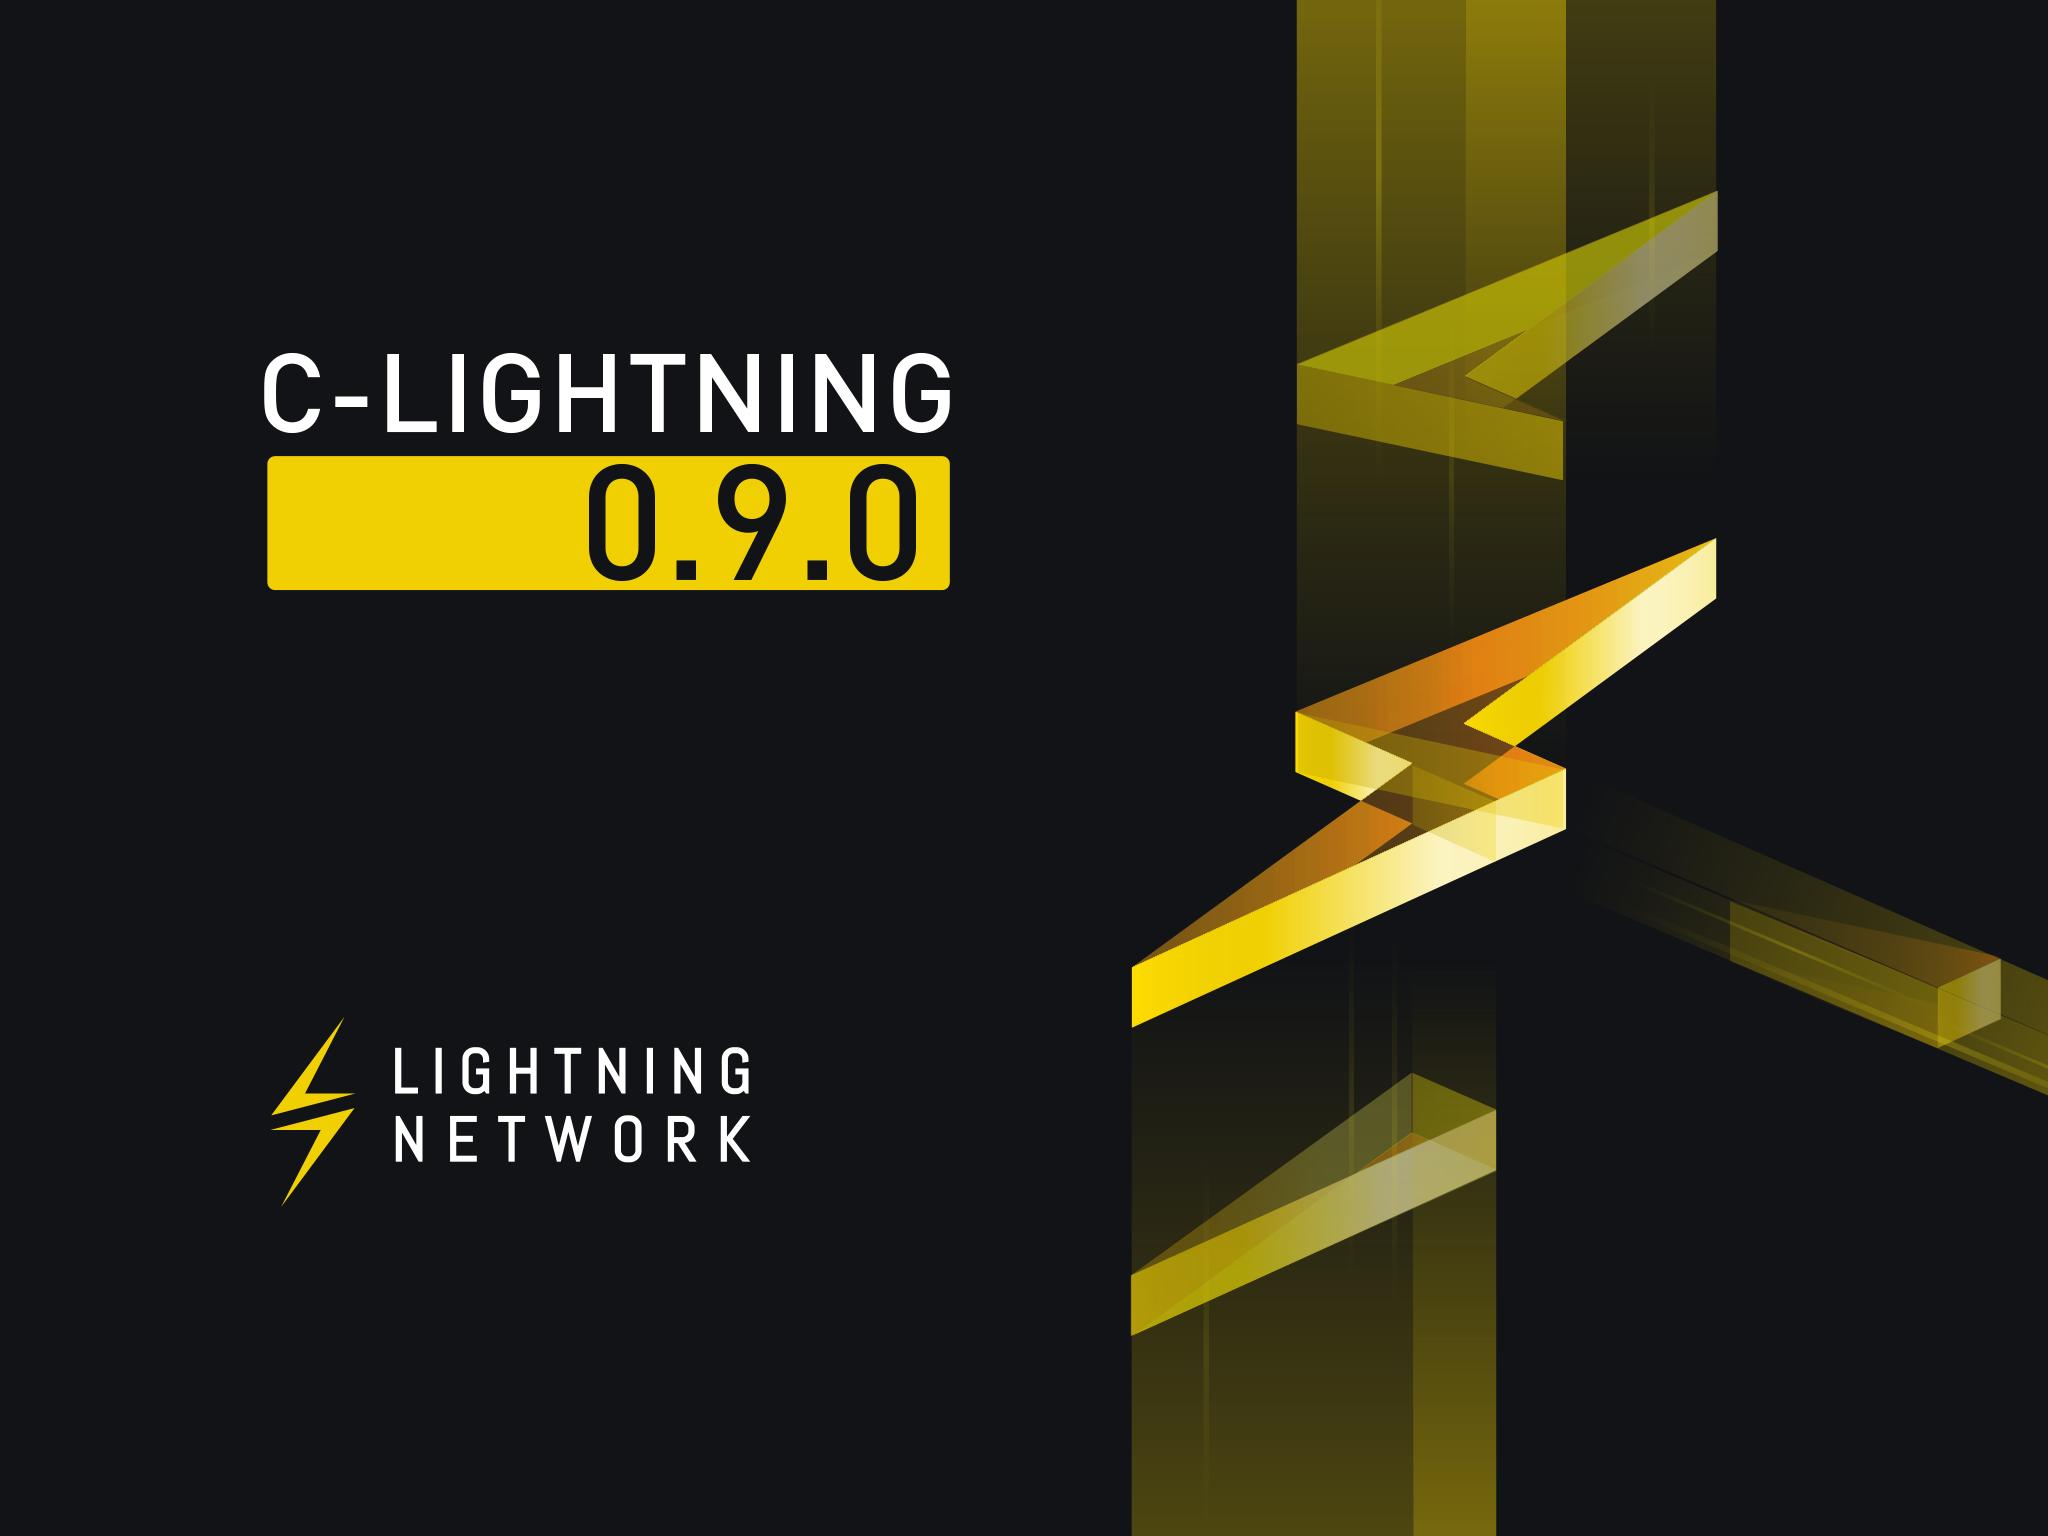 20200802_c_lightning090_2048x1536px (1)